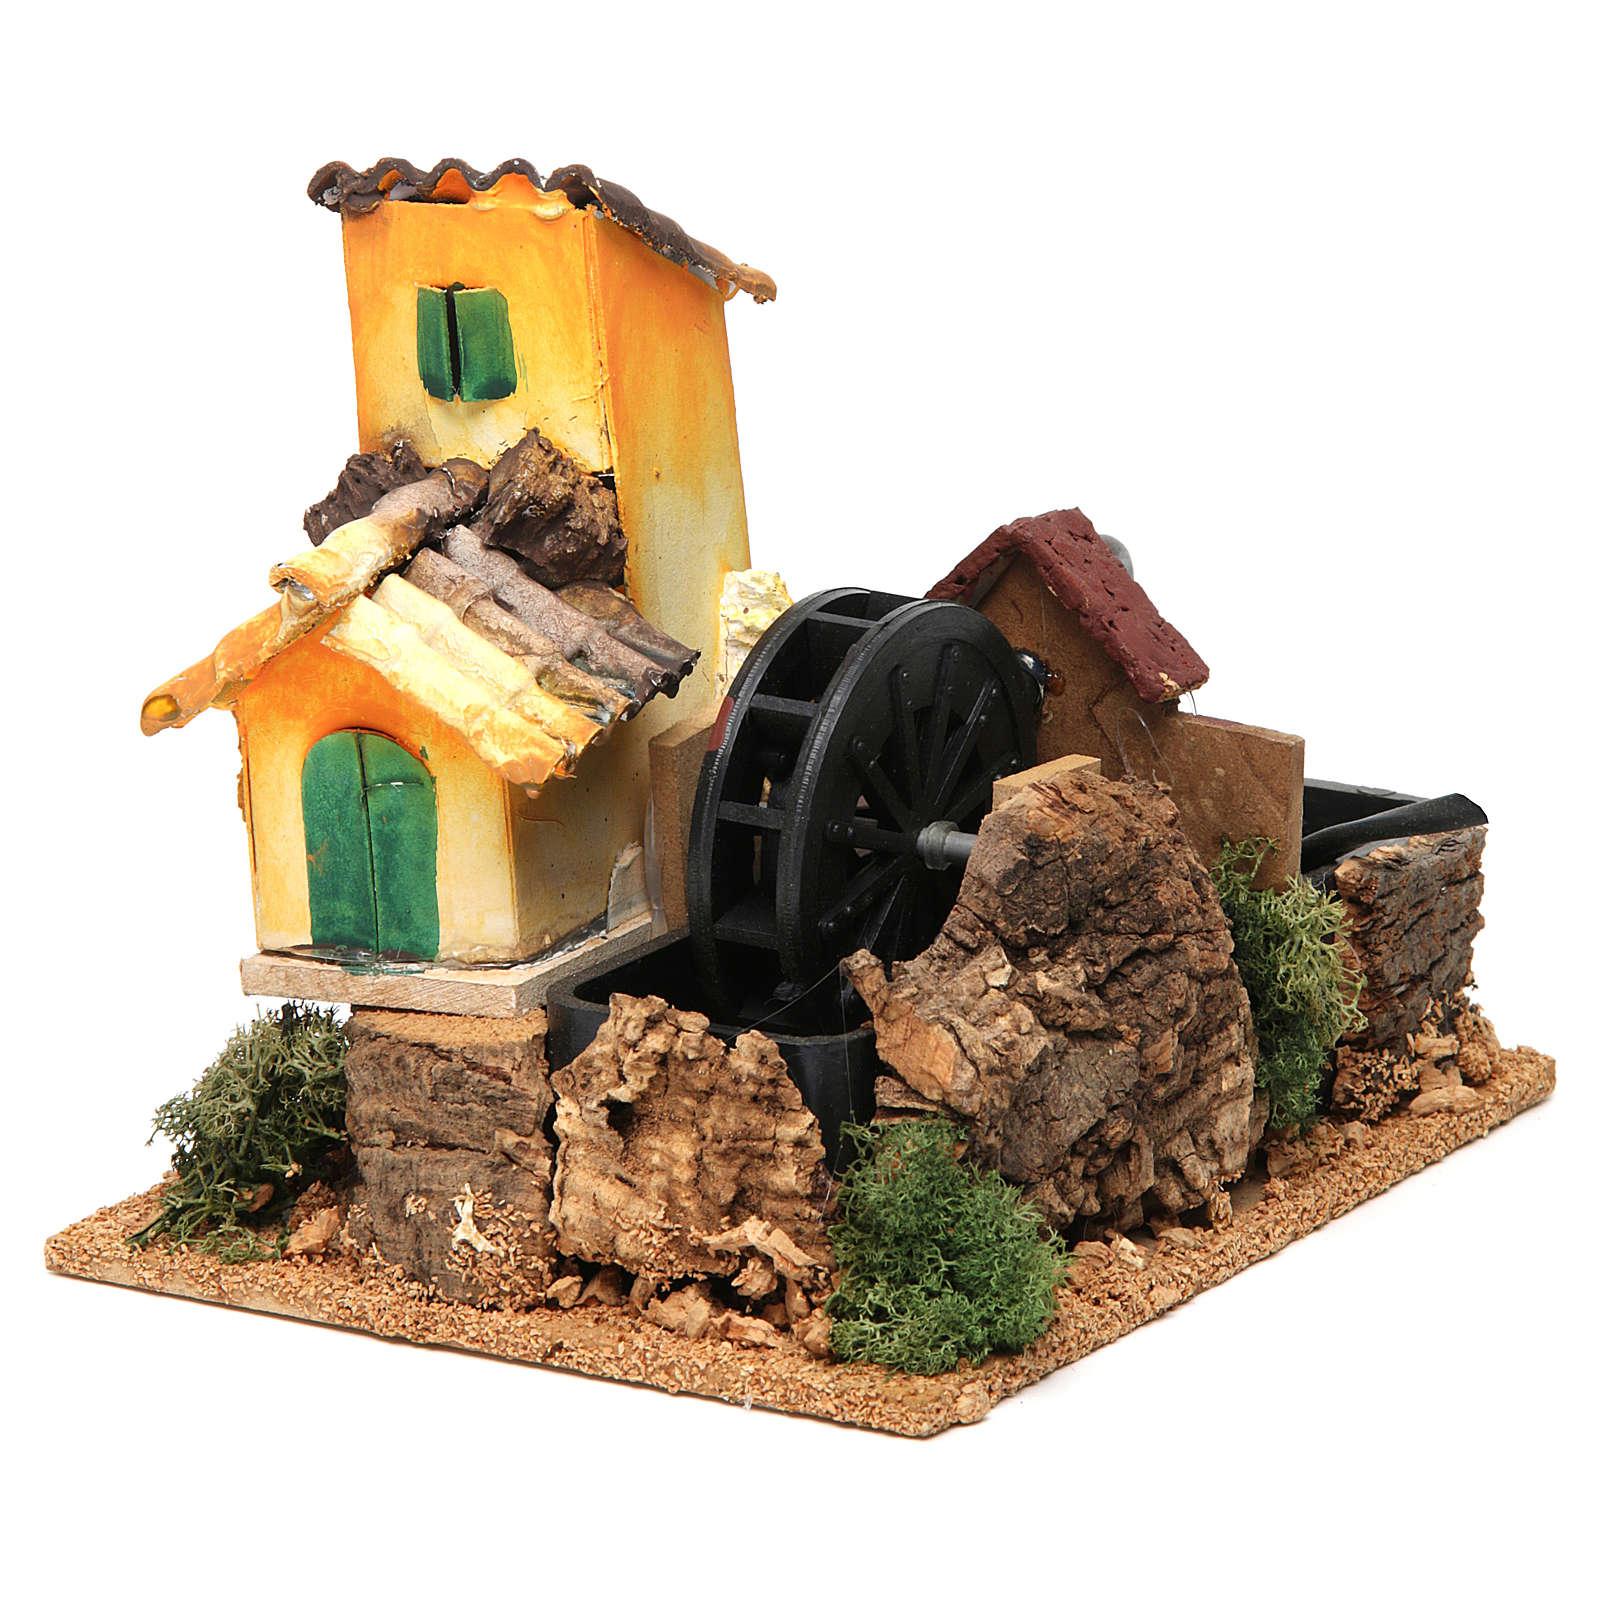 Moulin à eau crèche 15x17x13 cm 4